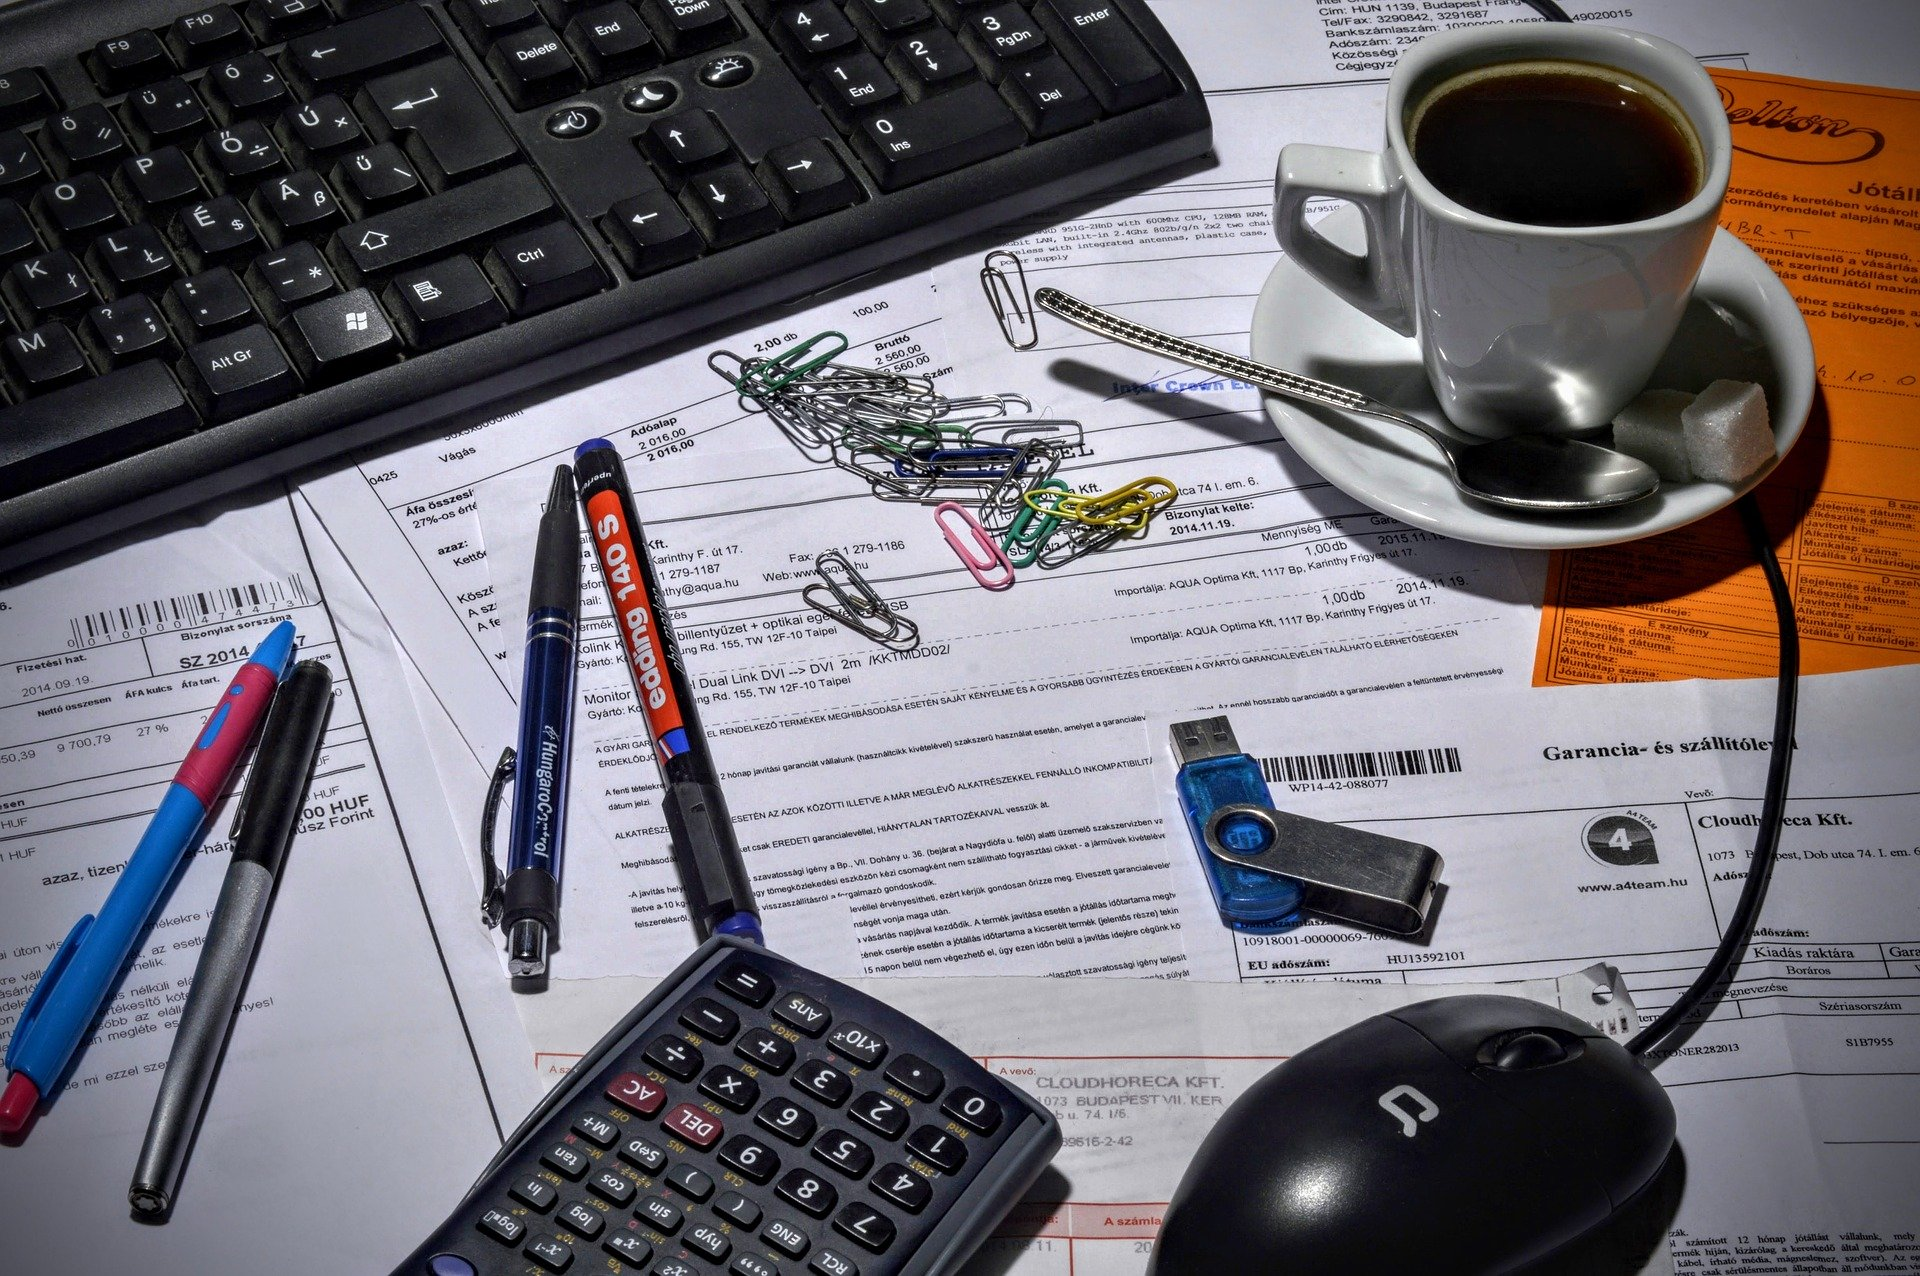 Kreditorenbuchhalter/in: Beruf, Aufgaben & Gehalt